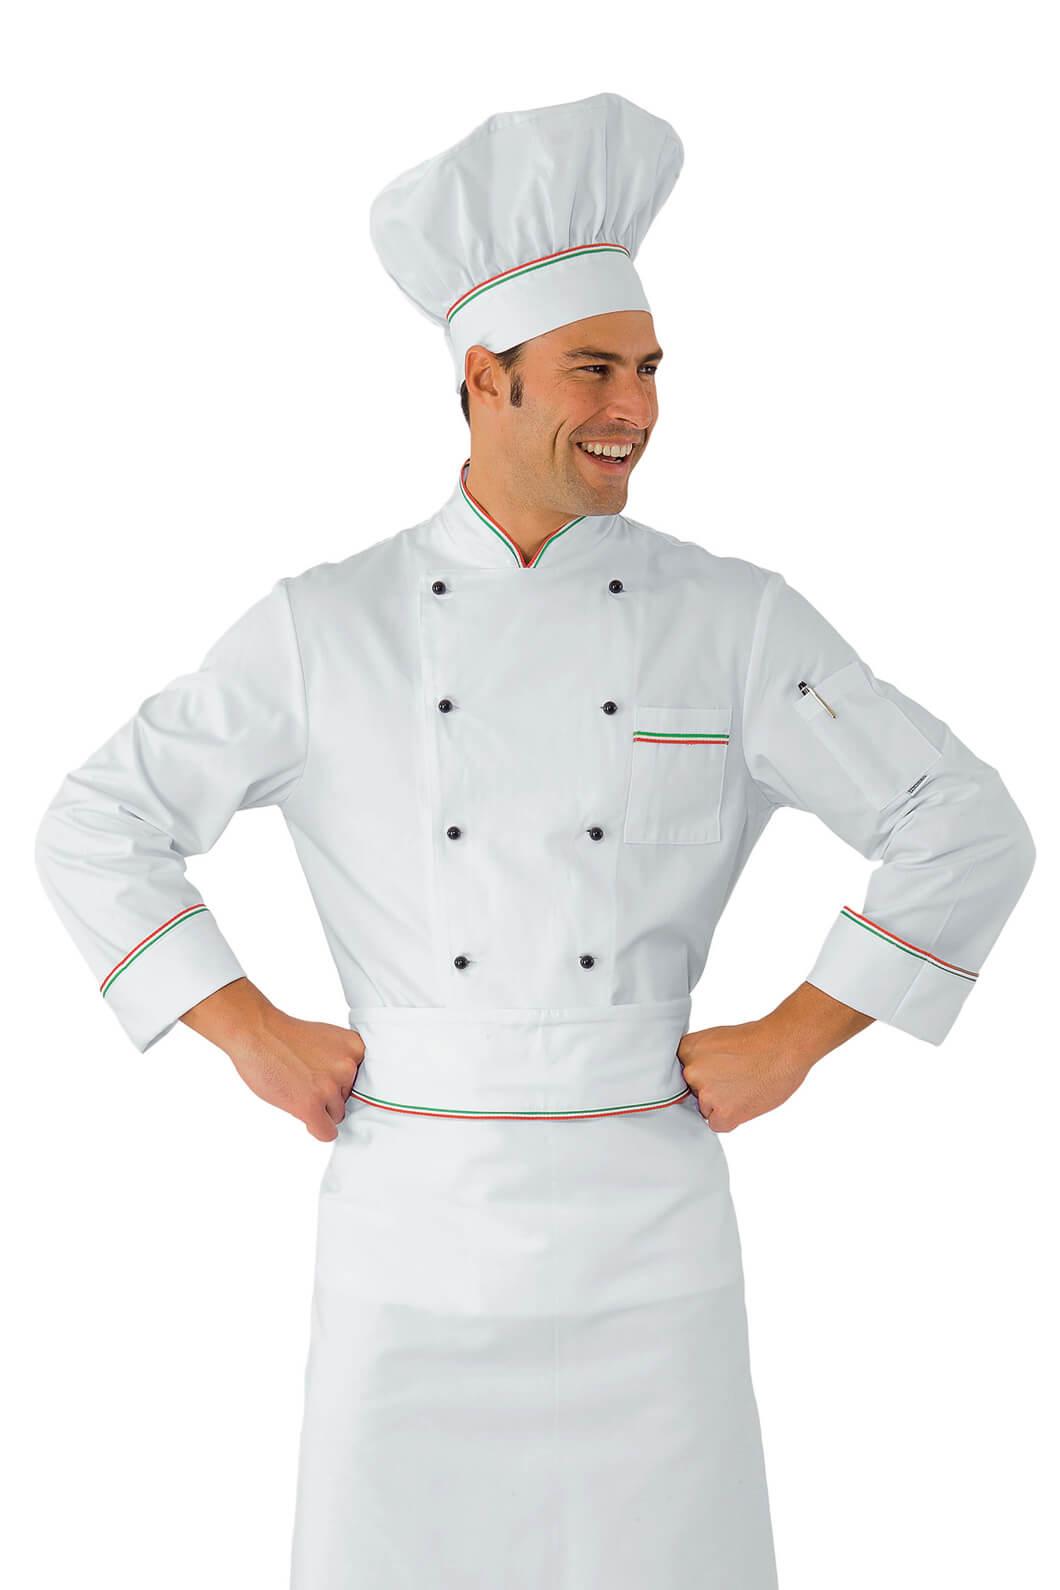 veste chef cuisinier prestige 4xl blanc liser tricolore 100 coton v tements de cuisine. Black Bedroom Furniture Sets. Home Design Ideas